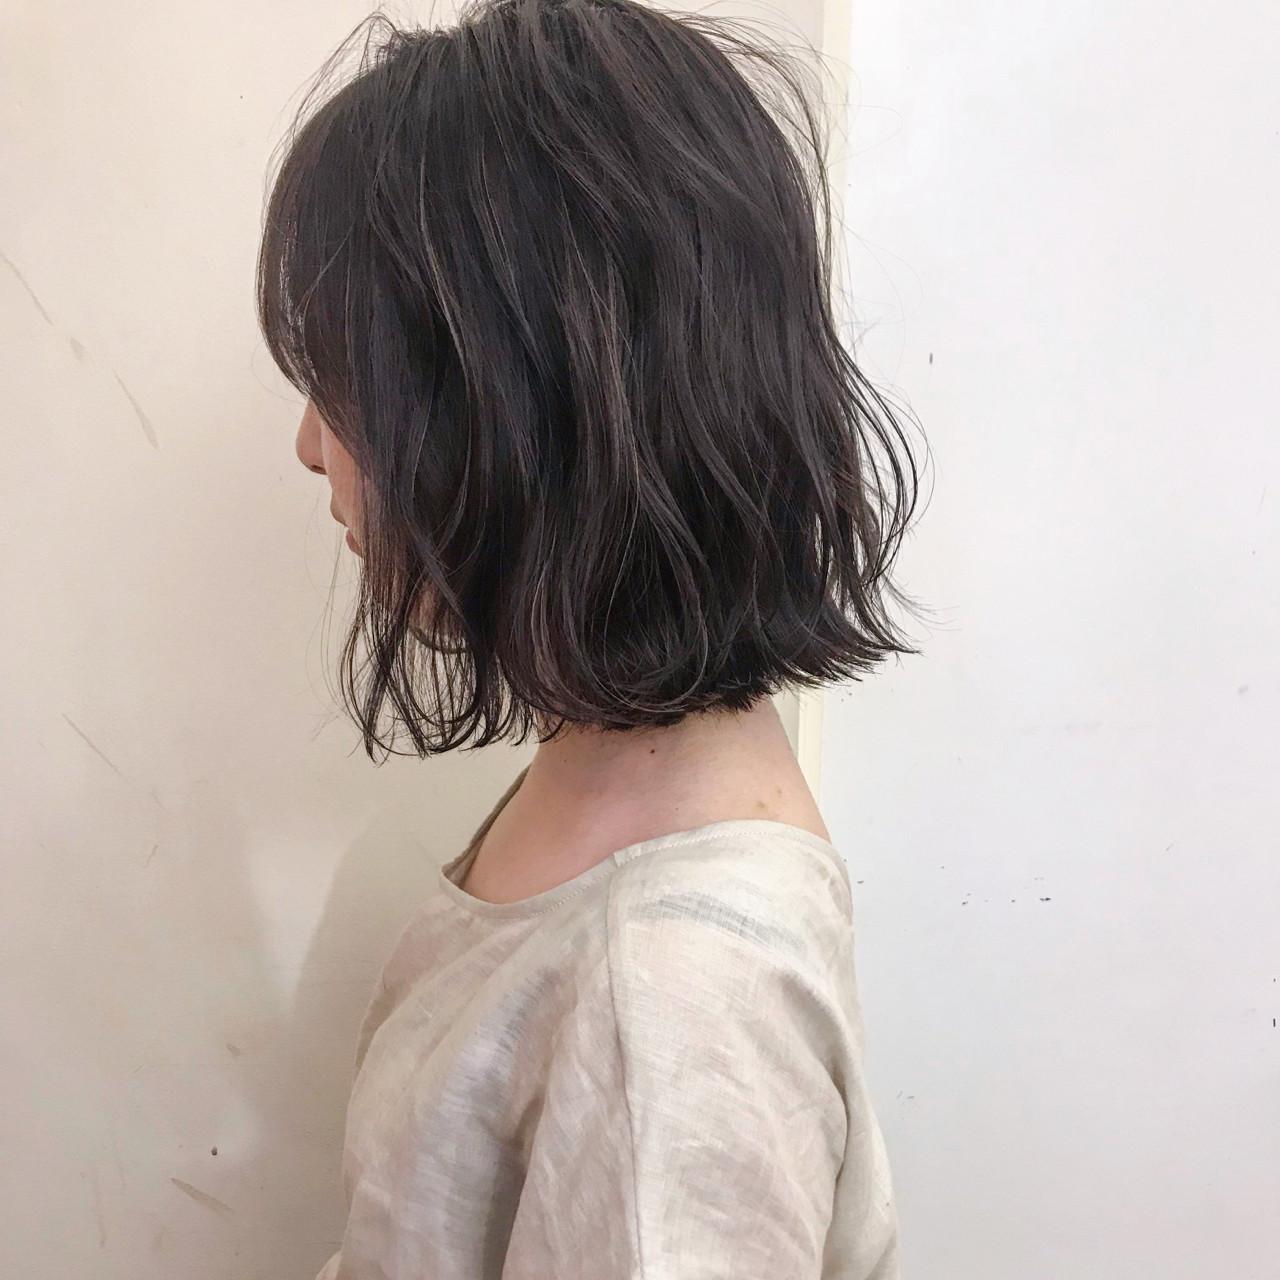 ハイライト 夏 スポーツ デート ヘアスタイルや髪型の写真・画像 | yumiko/sapporoSKNOW / SKNOW